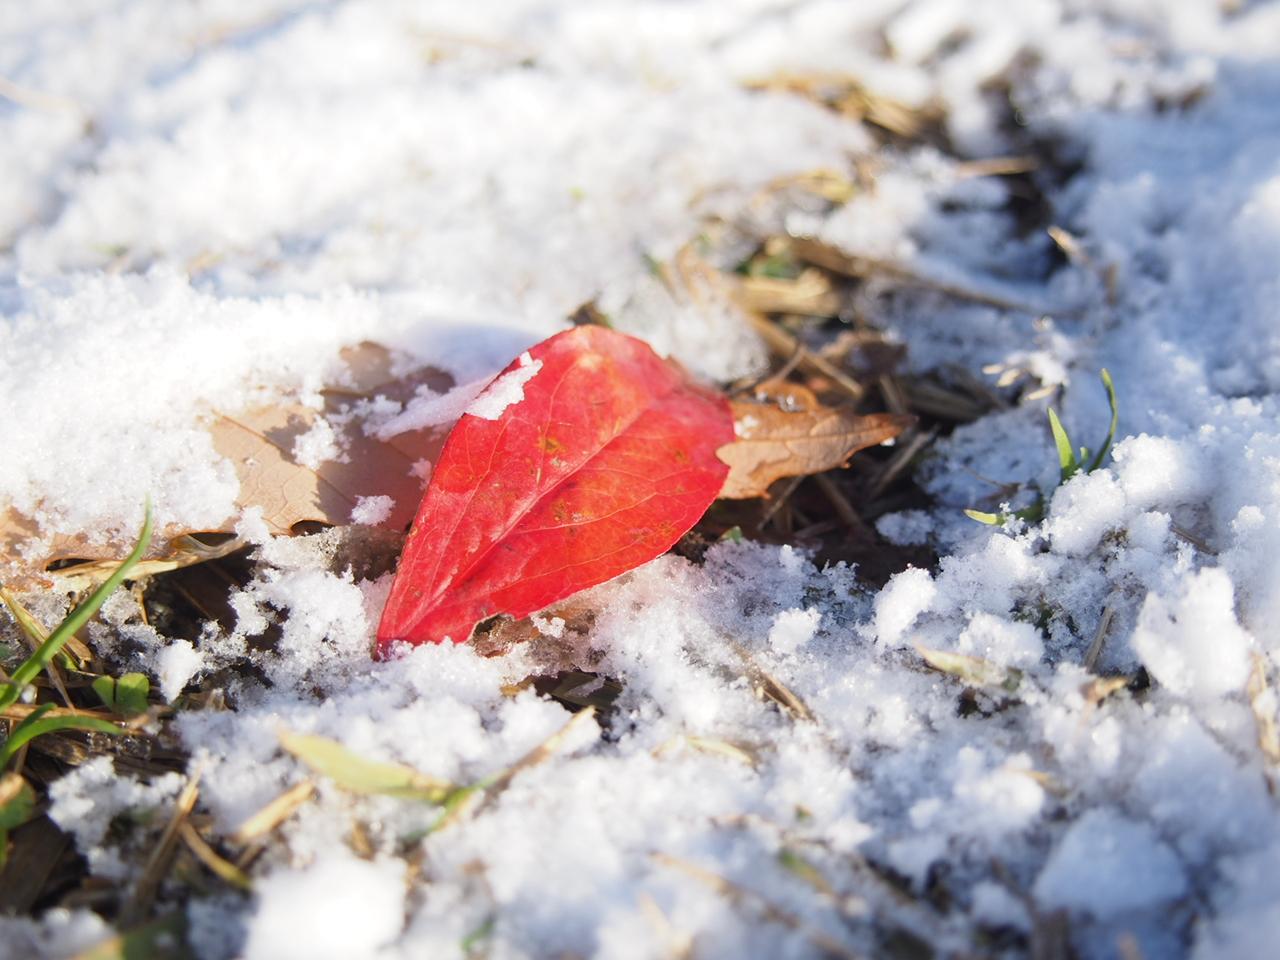 わーい!雪だ!芝生のお山で初滑り